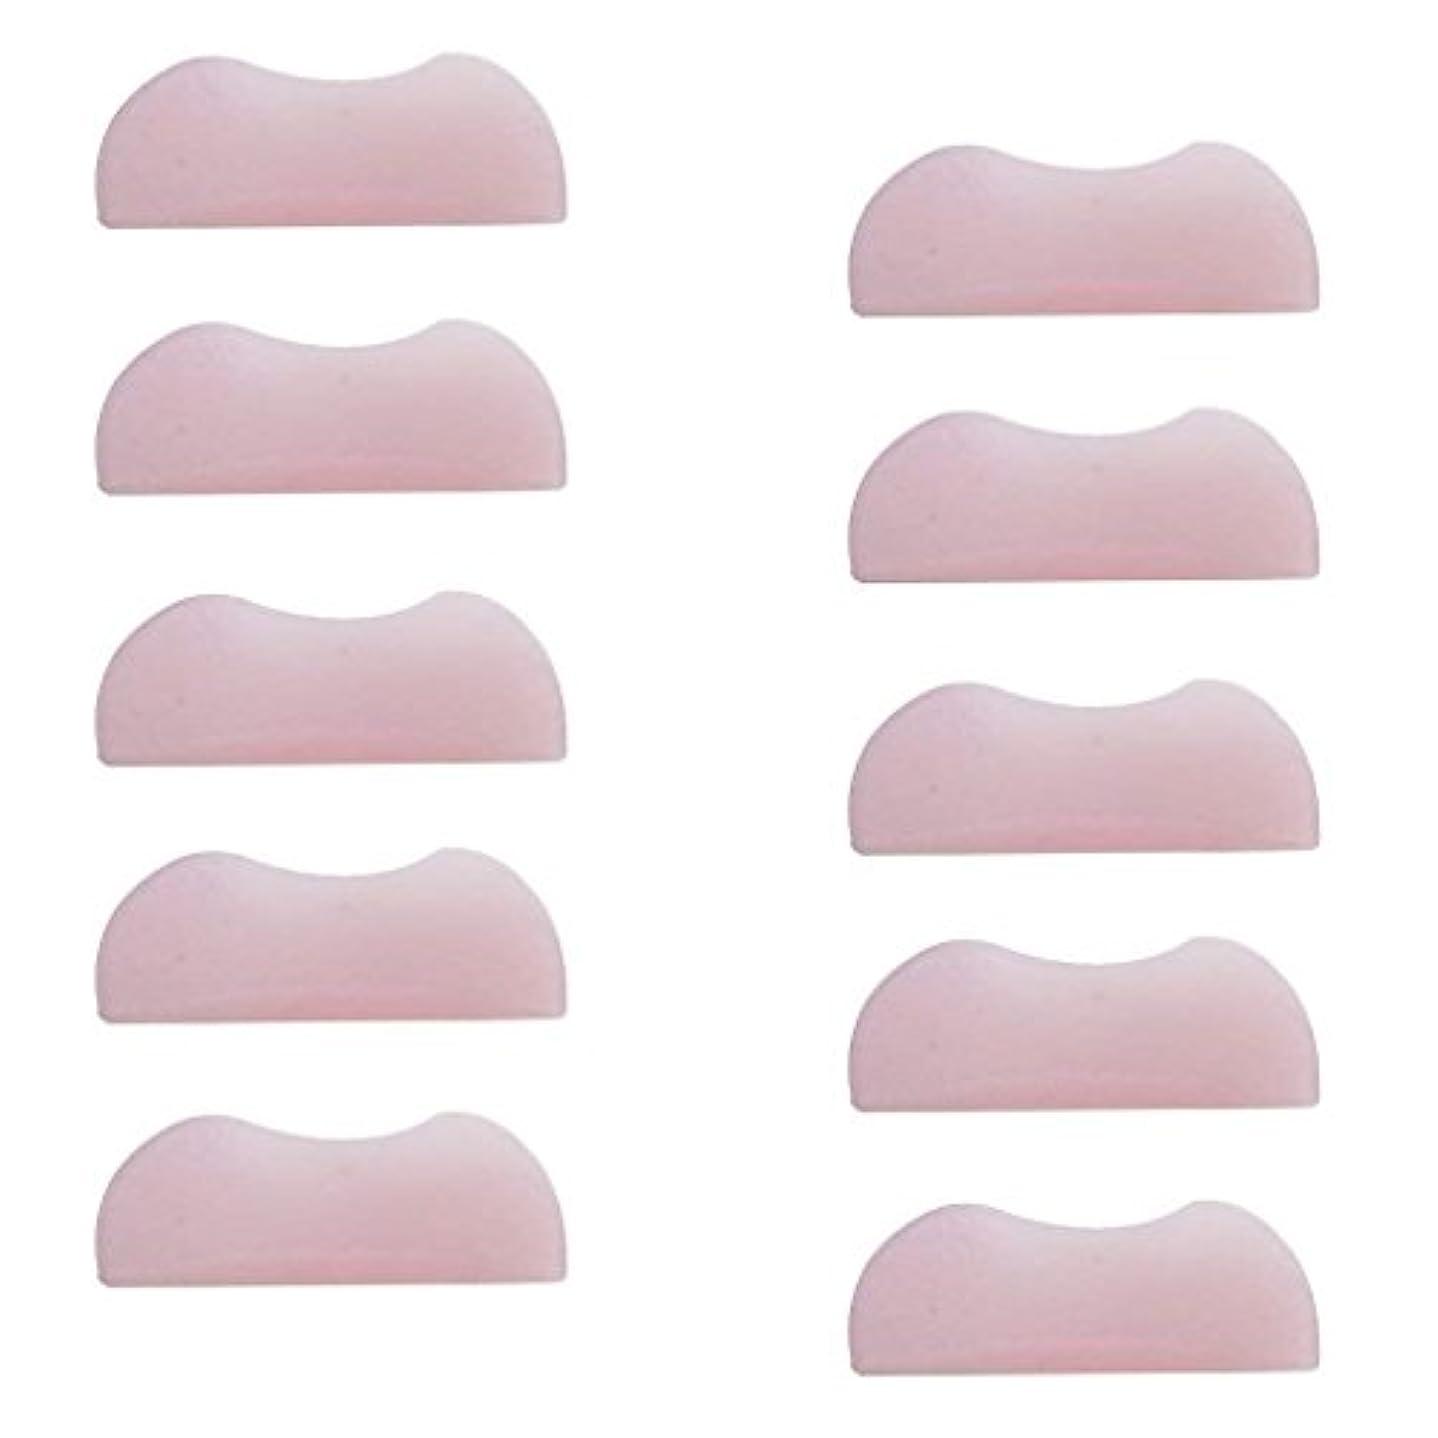 保育園共産主義三5組 シリコンのまつげパッド まつげ美容用のまつげパーツキット